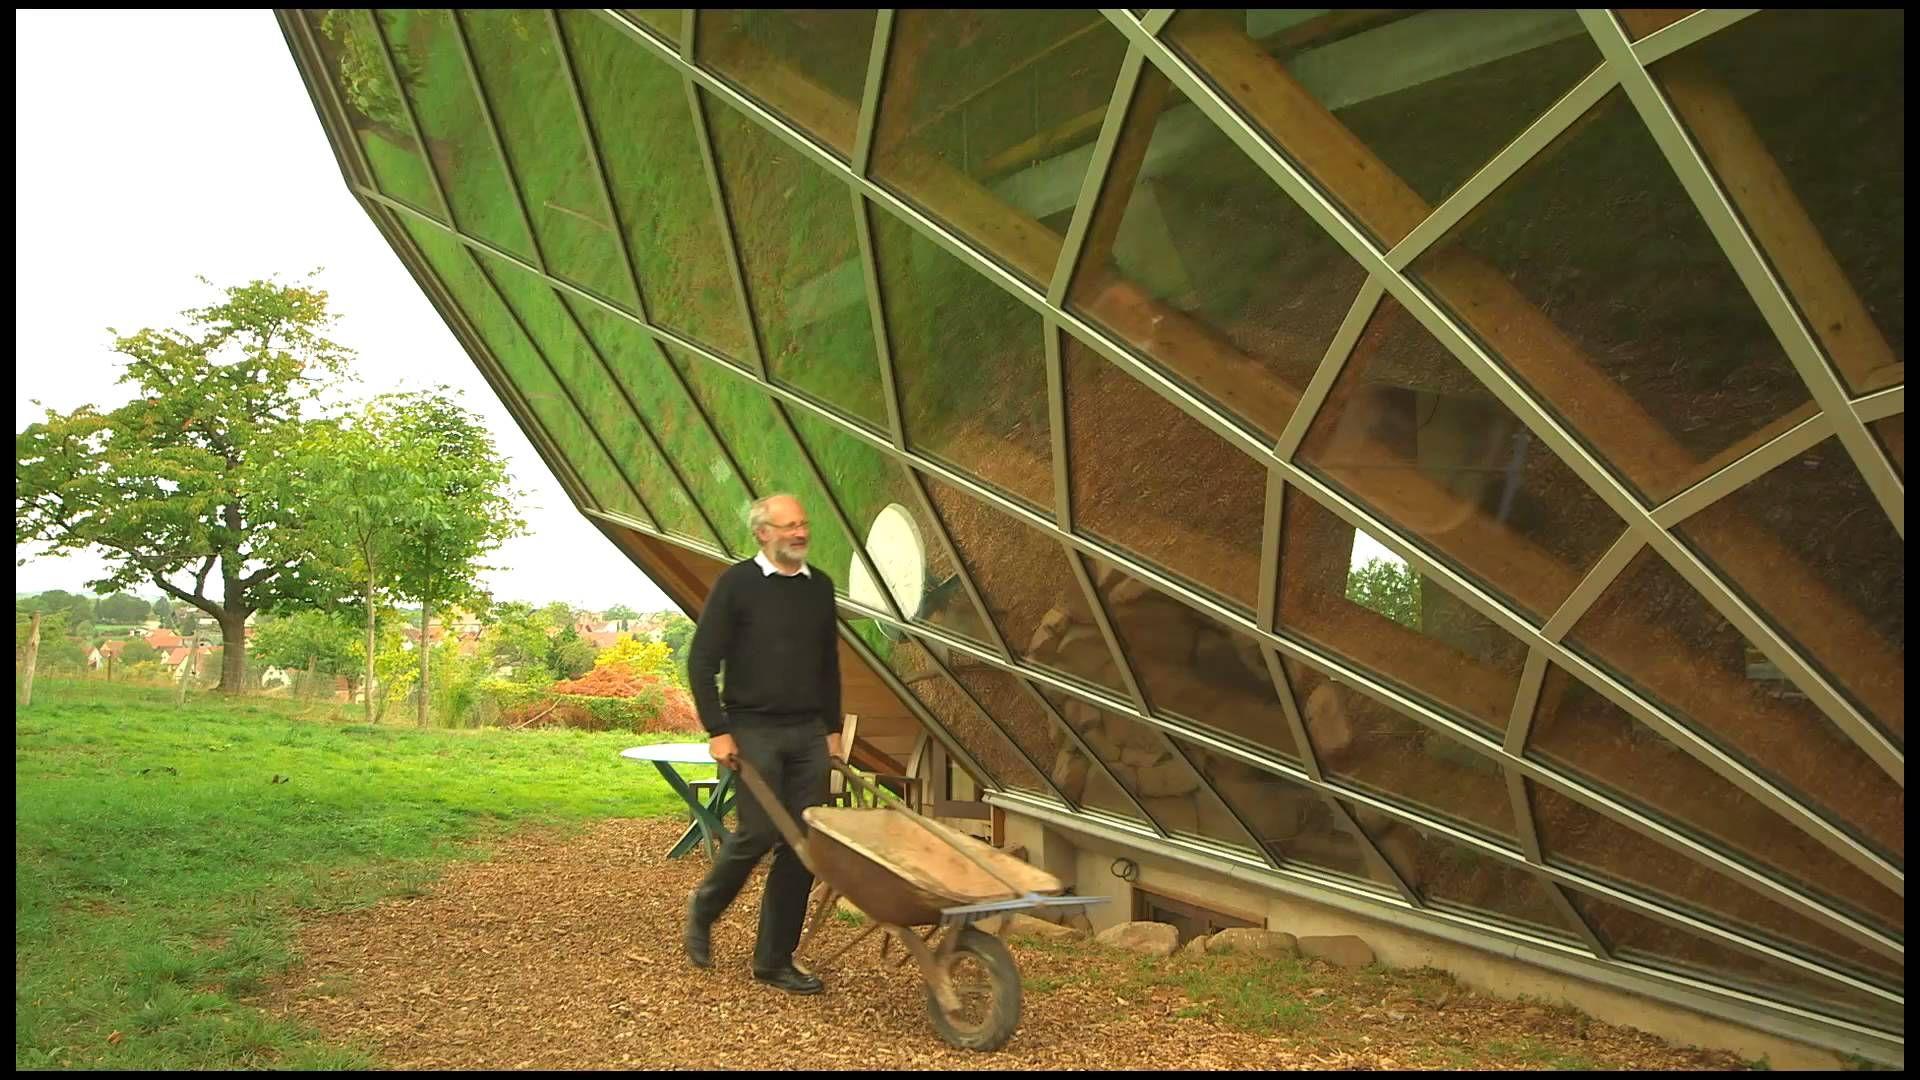 Maison solaire - Alsace, France